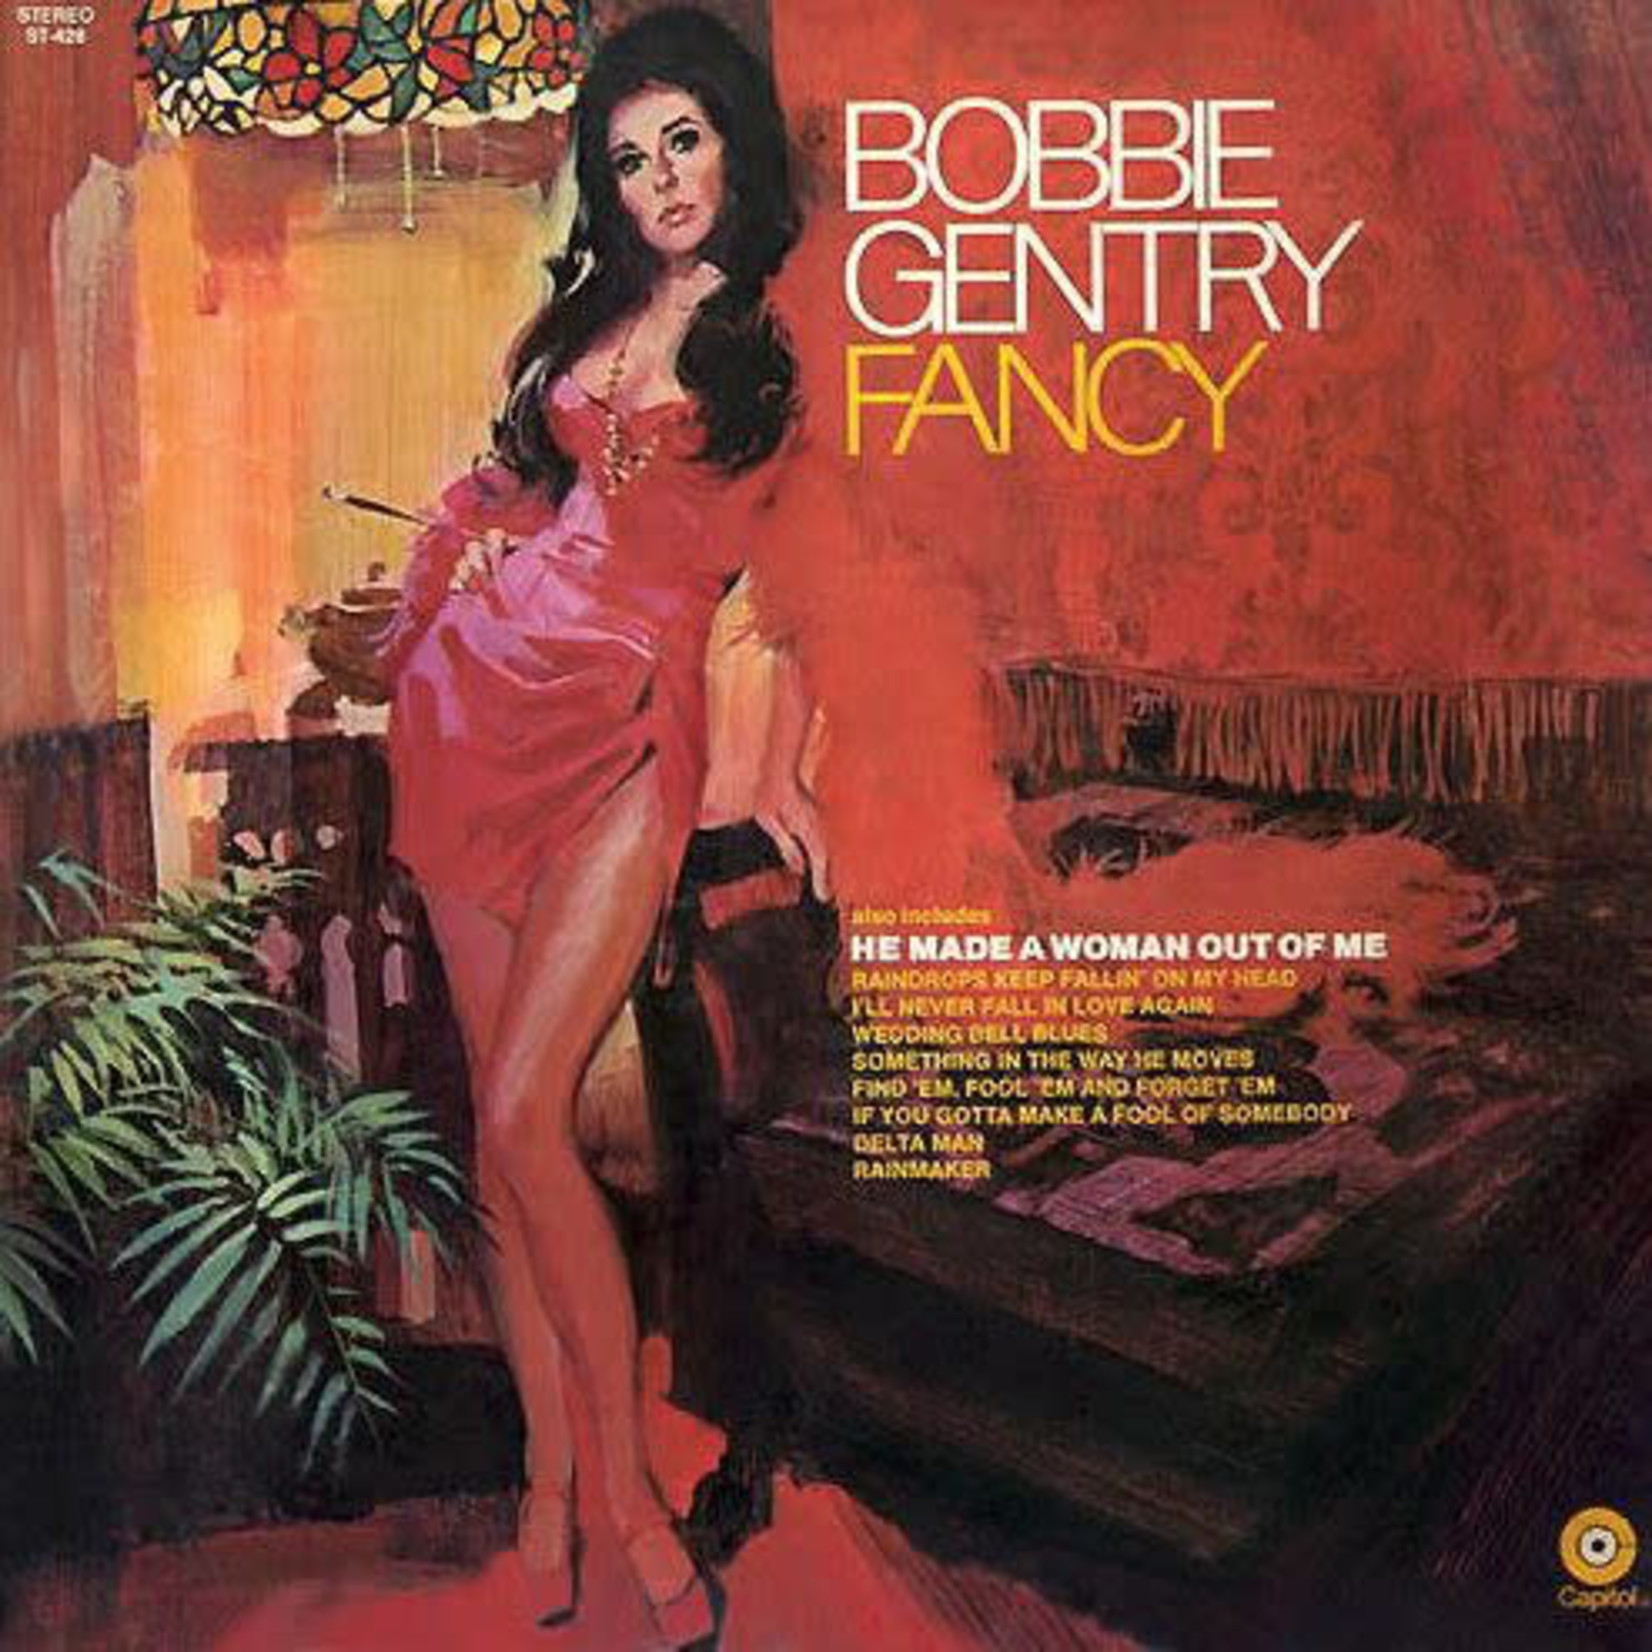 [New] Gentry, Bobbie: Fancy